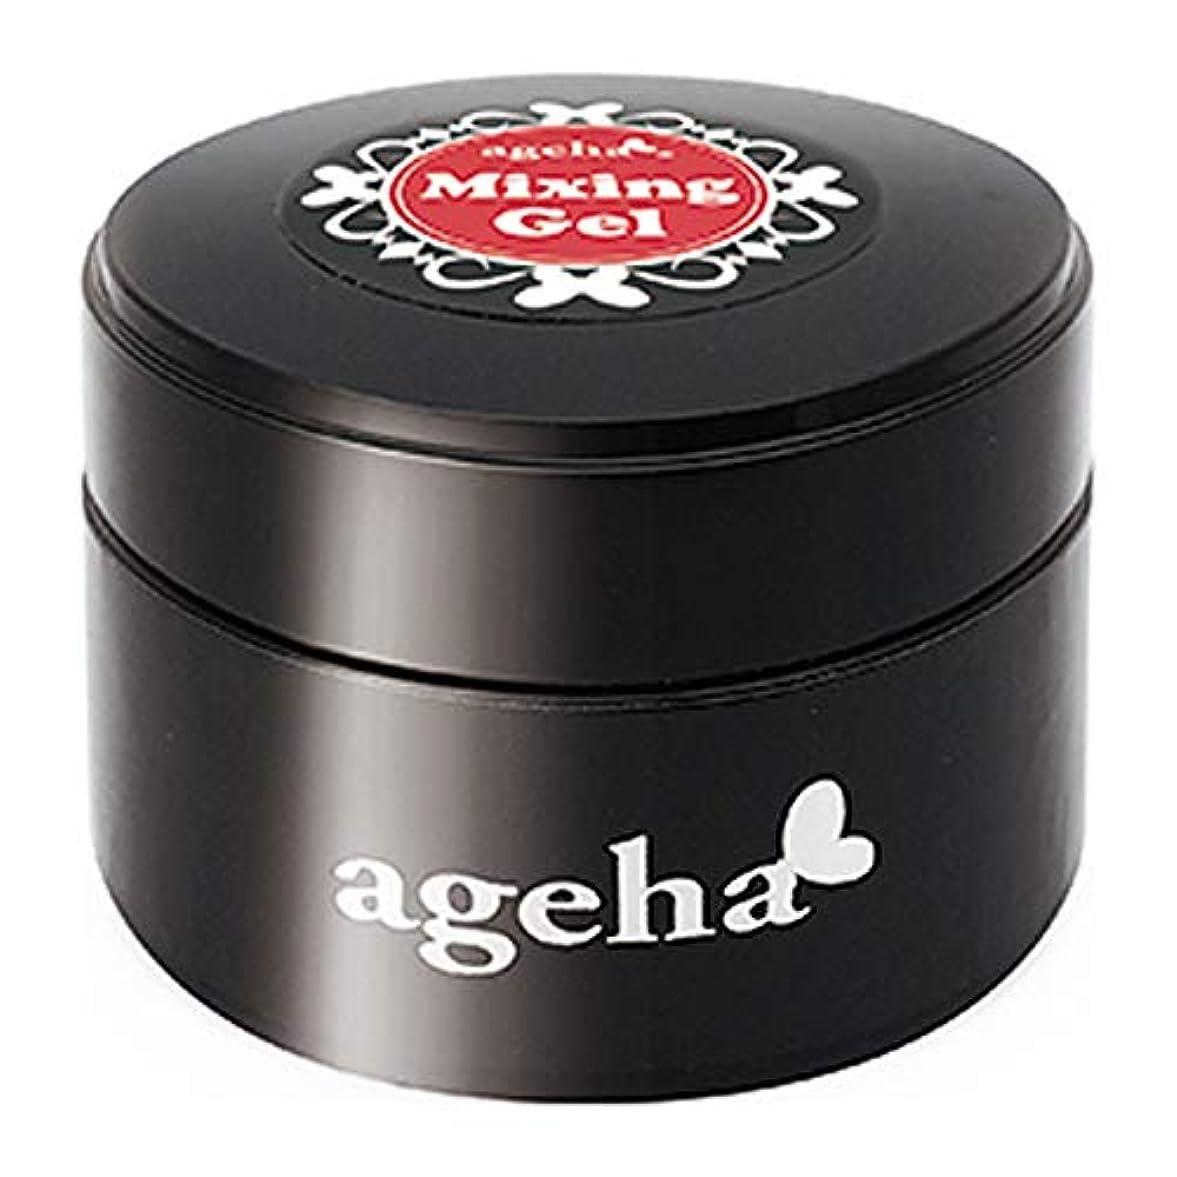 胸飾り羽宣言ageha ミキシングジェル 23g UV/LED対応